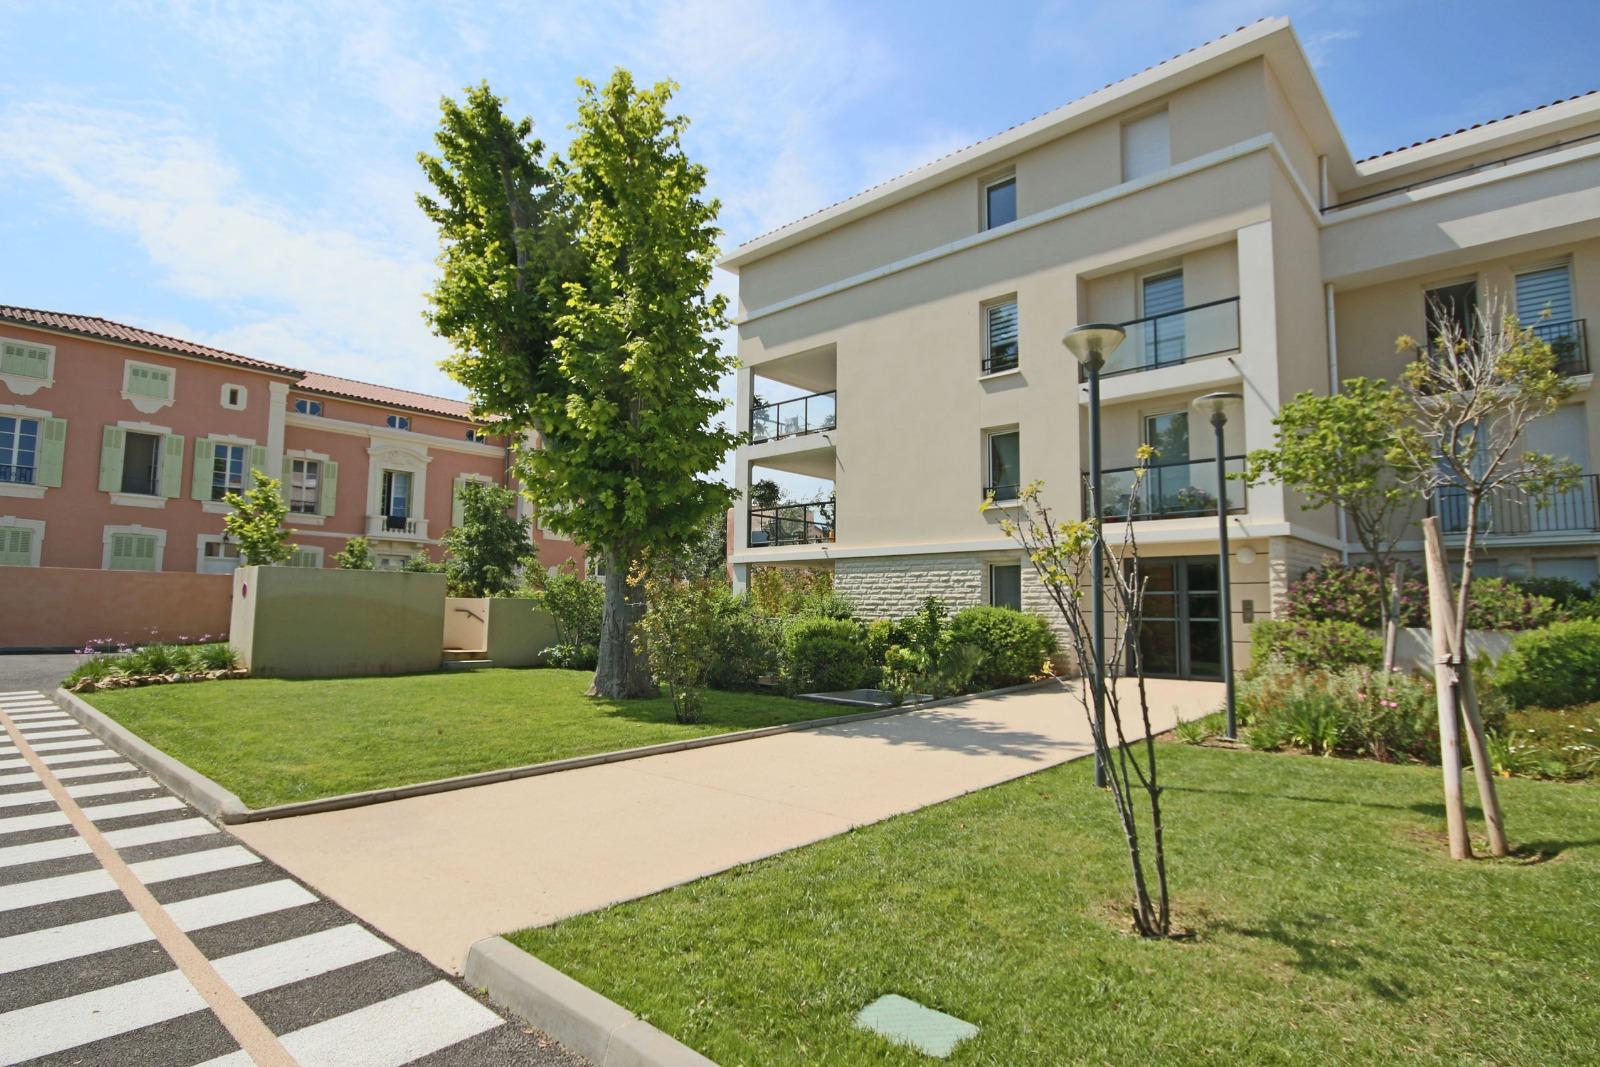 Location marseille 13008 bonneveine borely appartement Piscine bonneveine marseille 13008